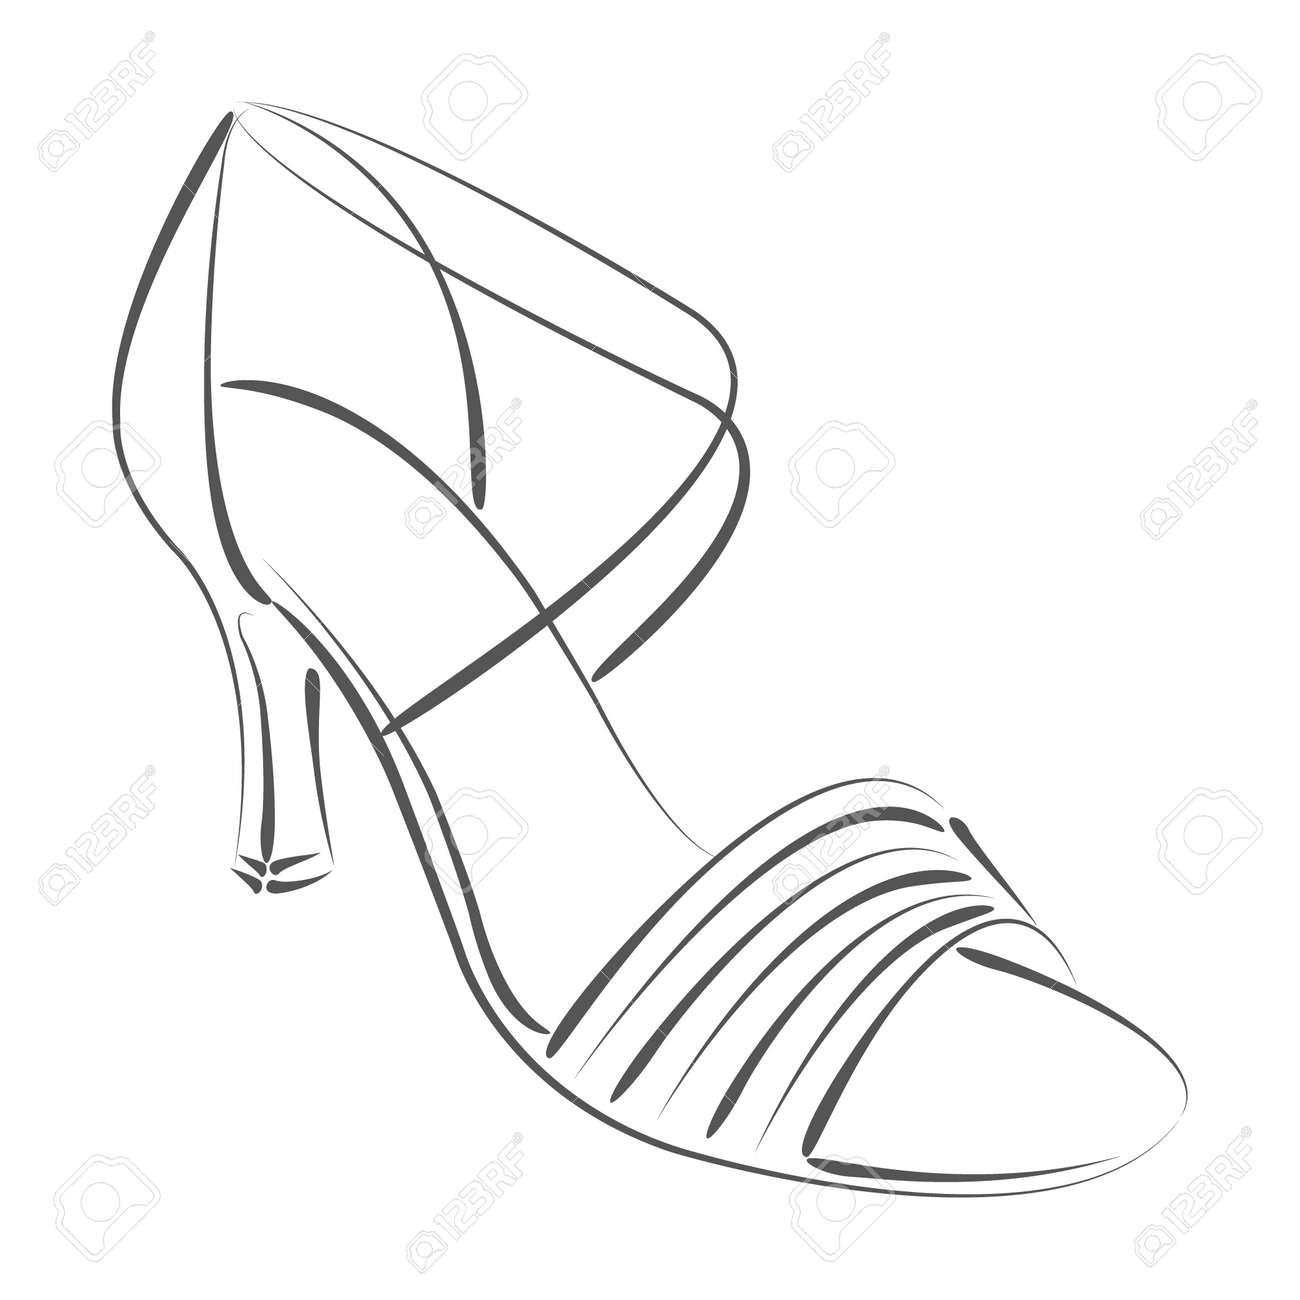 Elegante Skizzierten Damenschuh. Salsa-Tanzschuhe. Design-Vorlage ...